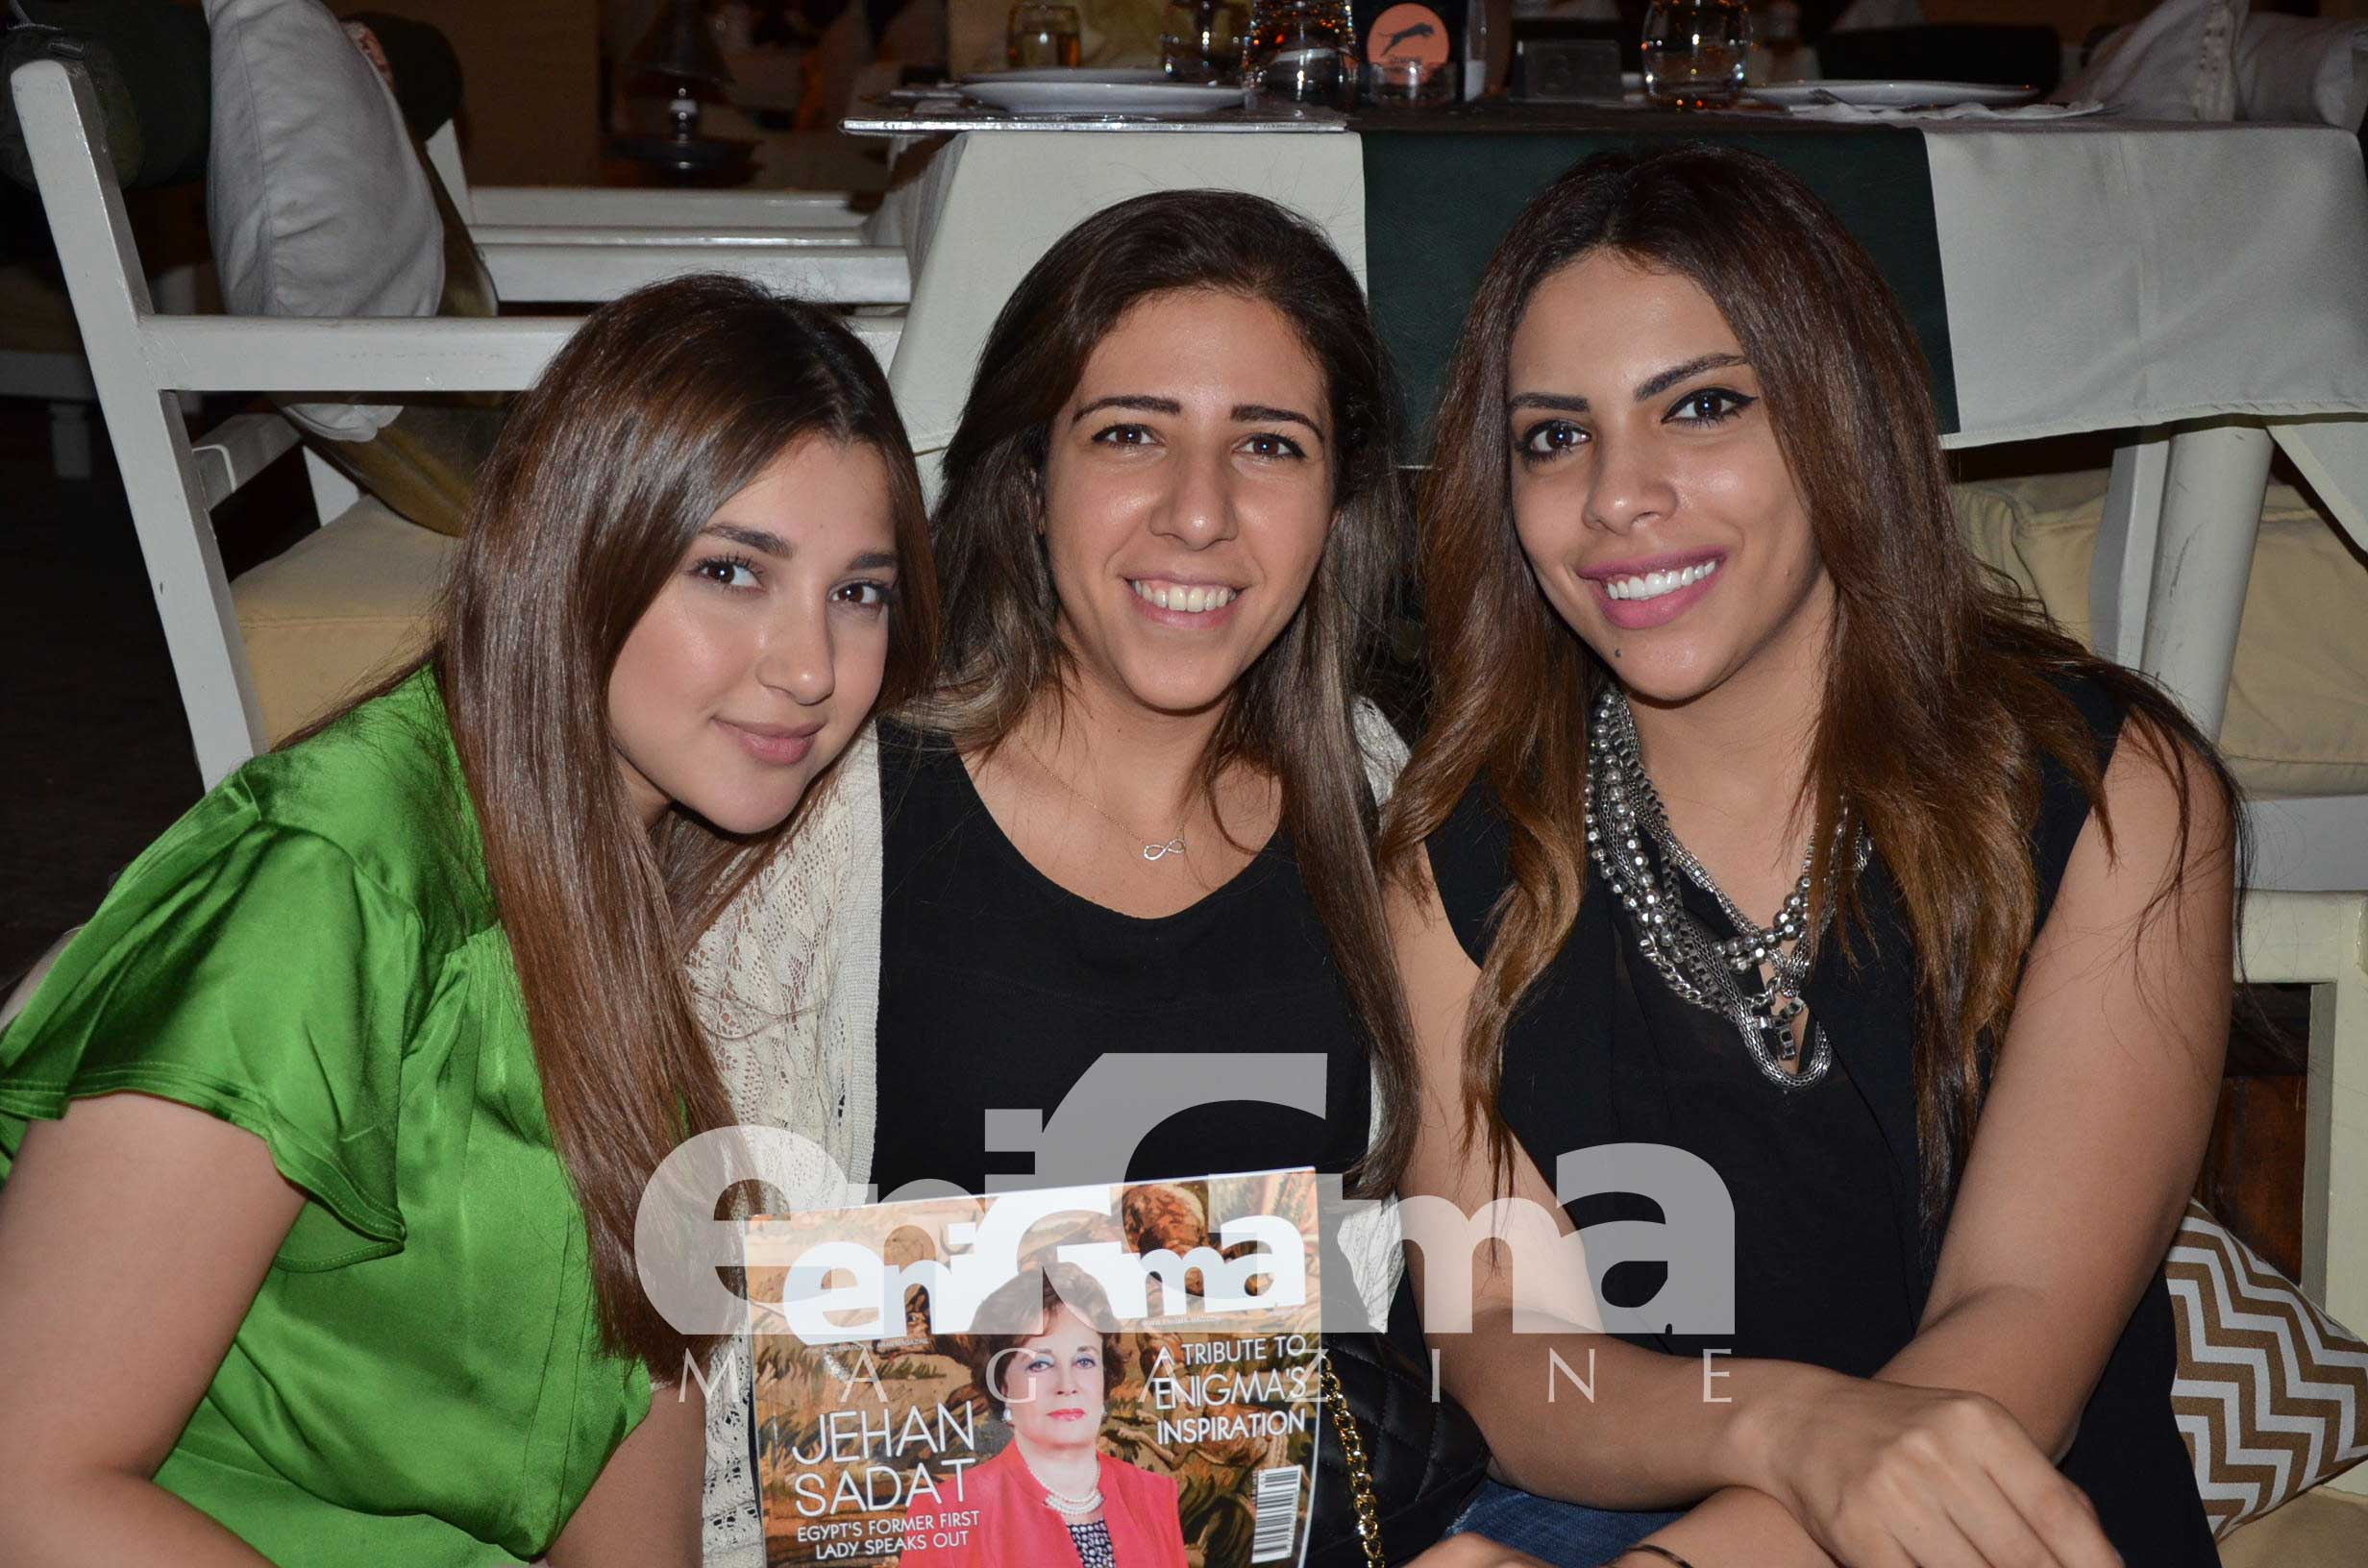 Ms.-Aalaa-ElMoghazy,-Ms.-Nouran-Hassan-&-Ms.-Nourhan-Ammar